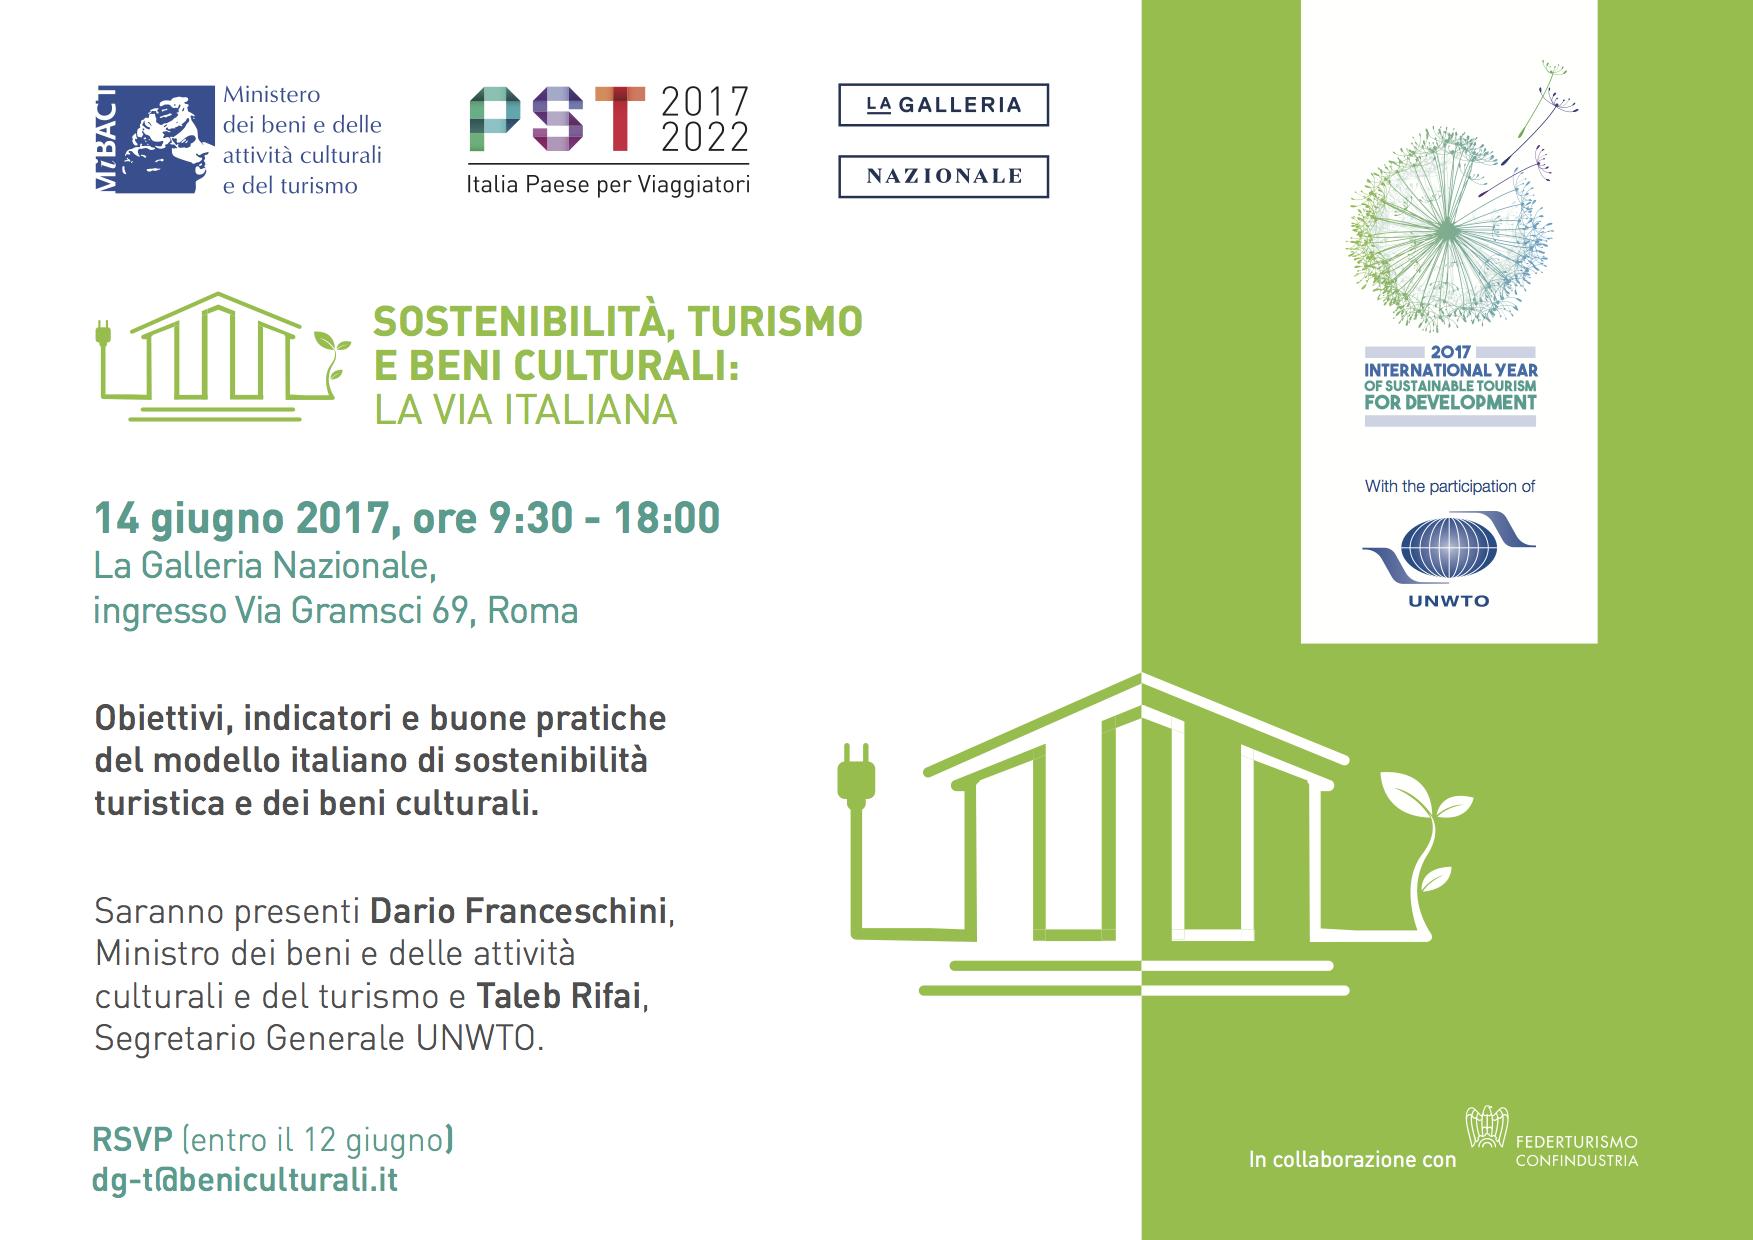 Conferenza Sostenibilità, turismo e beni culturali: la via italiana